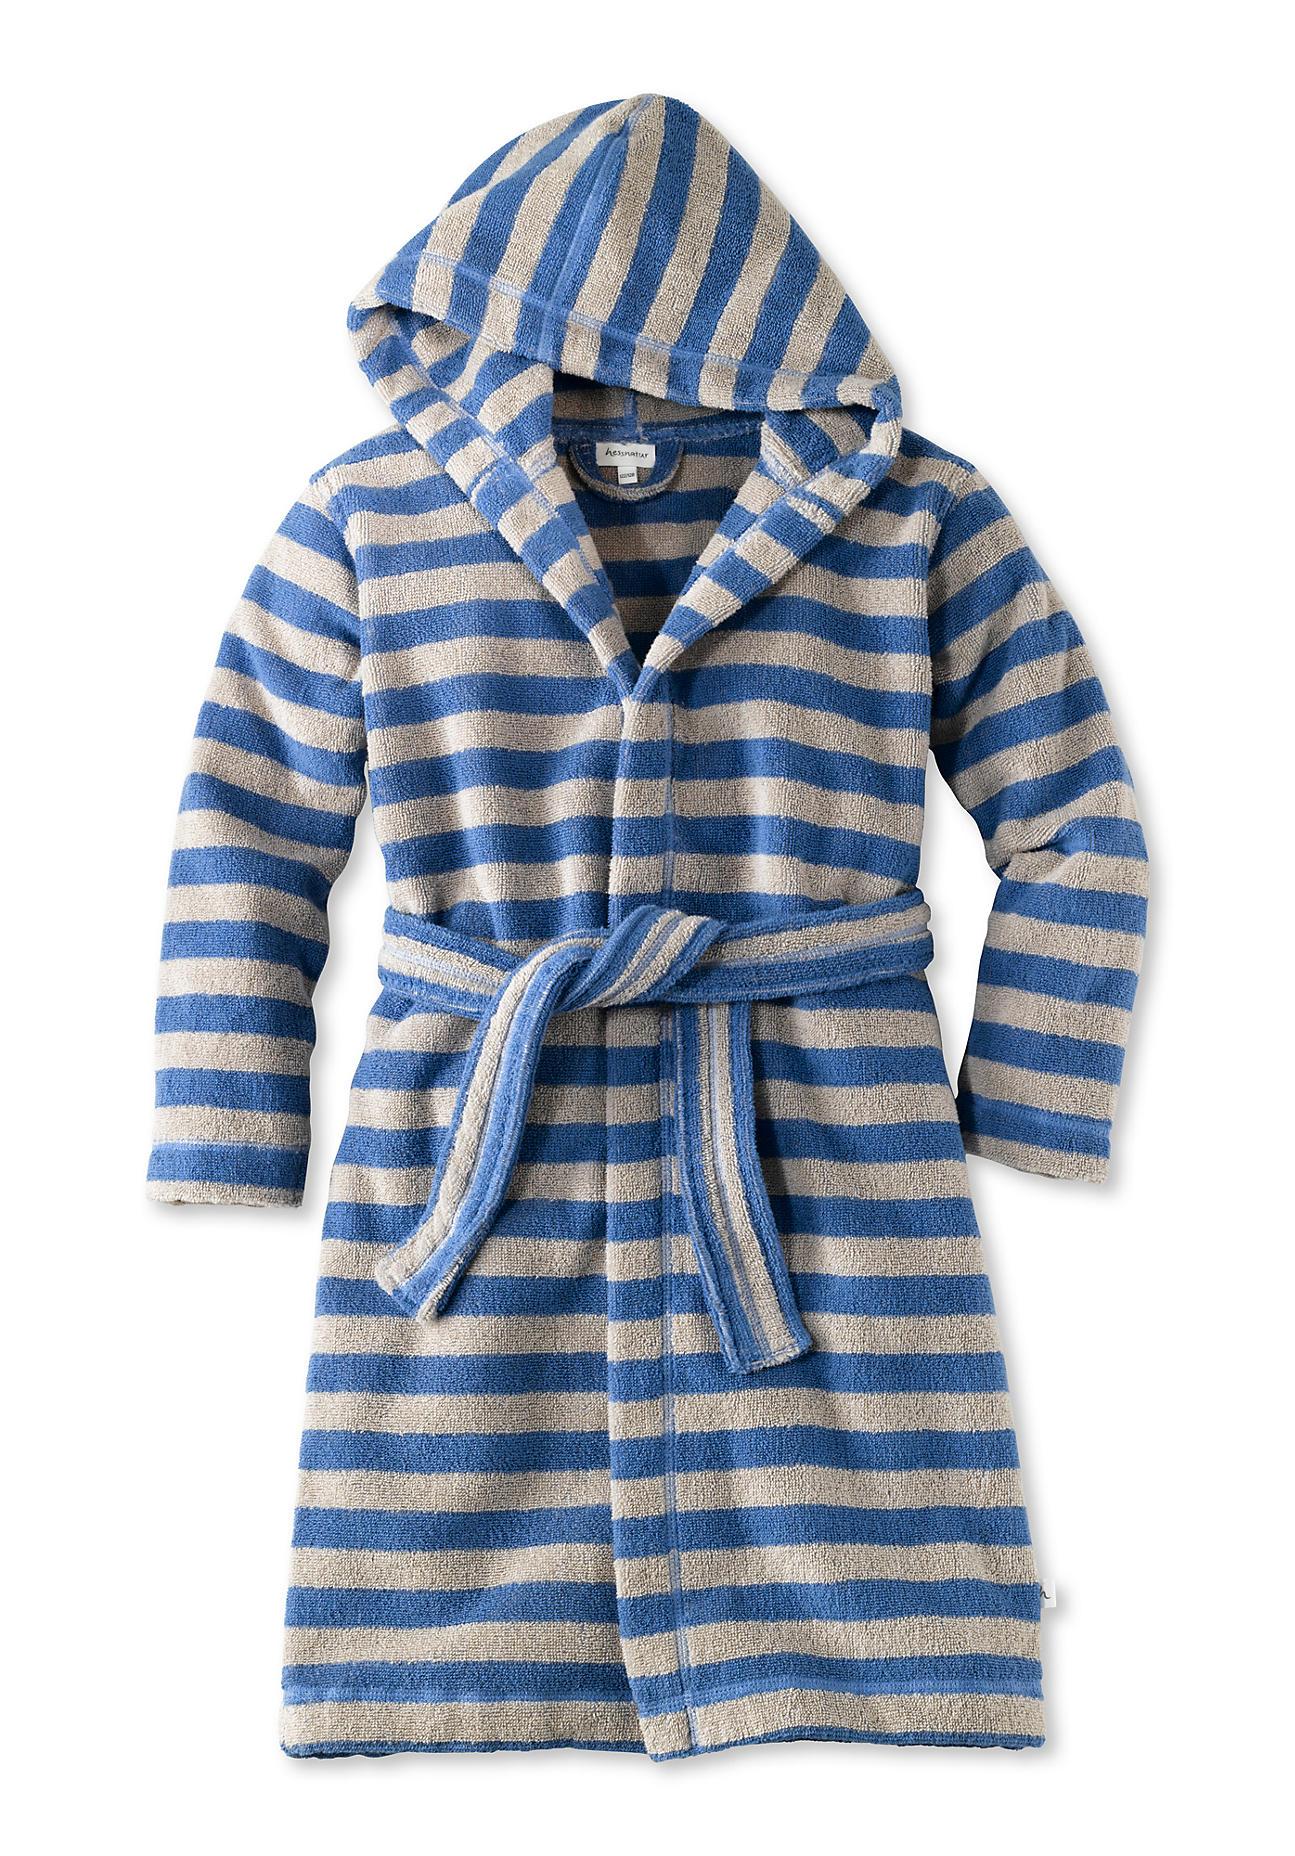 Image of hessnatur Baby Bademantel aus Bio-Baumwolle – blau – Größe 110/116